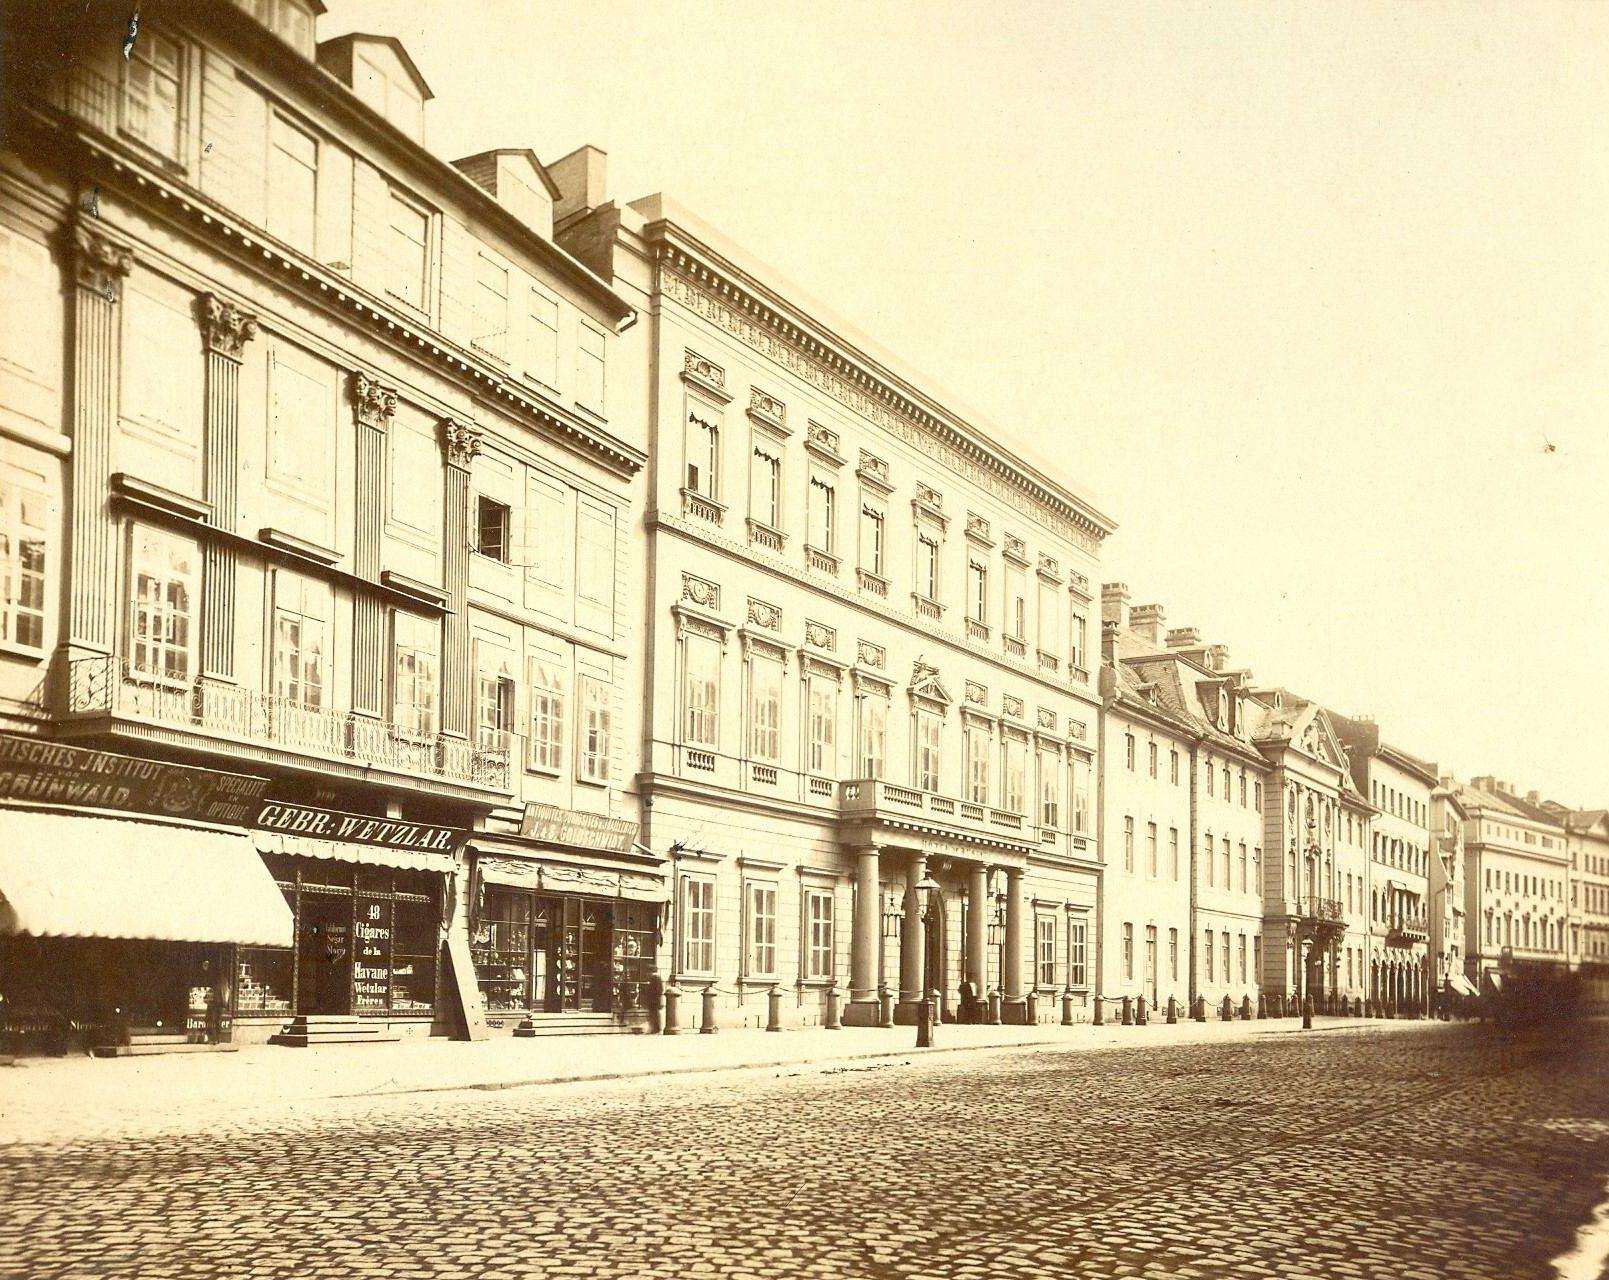 historisches museum frankfurt: Der Russische Hof auf der Zeil, um 1900.